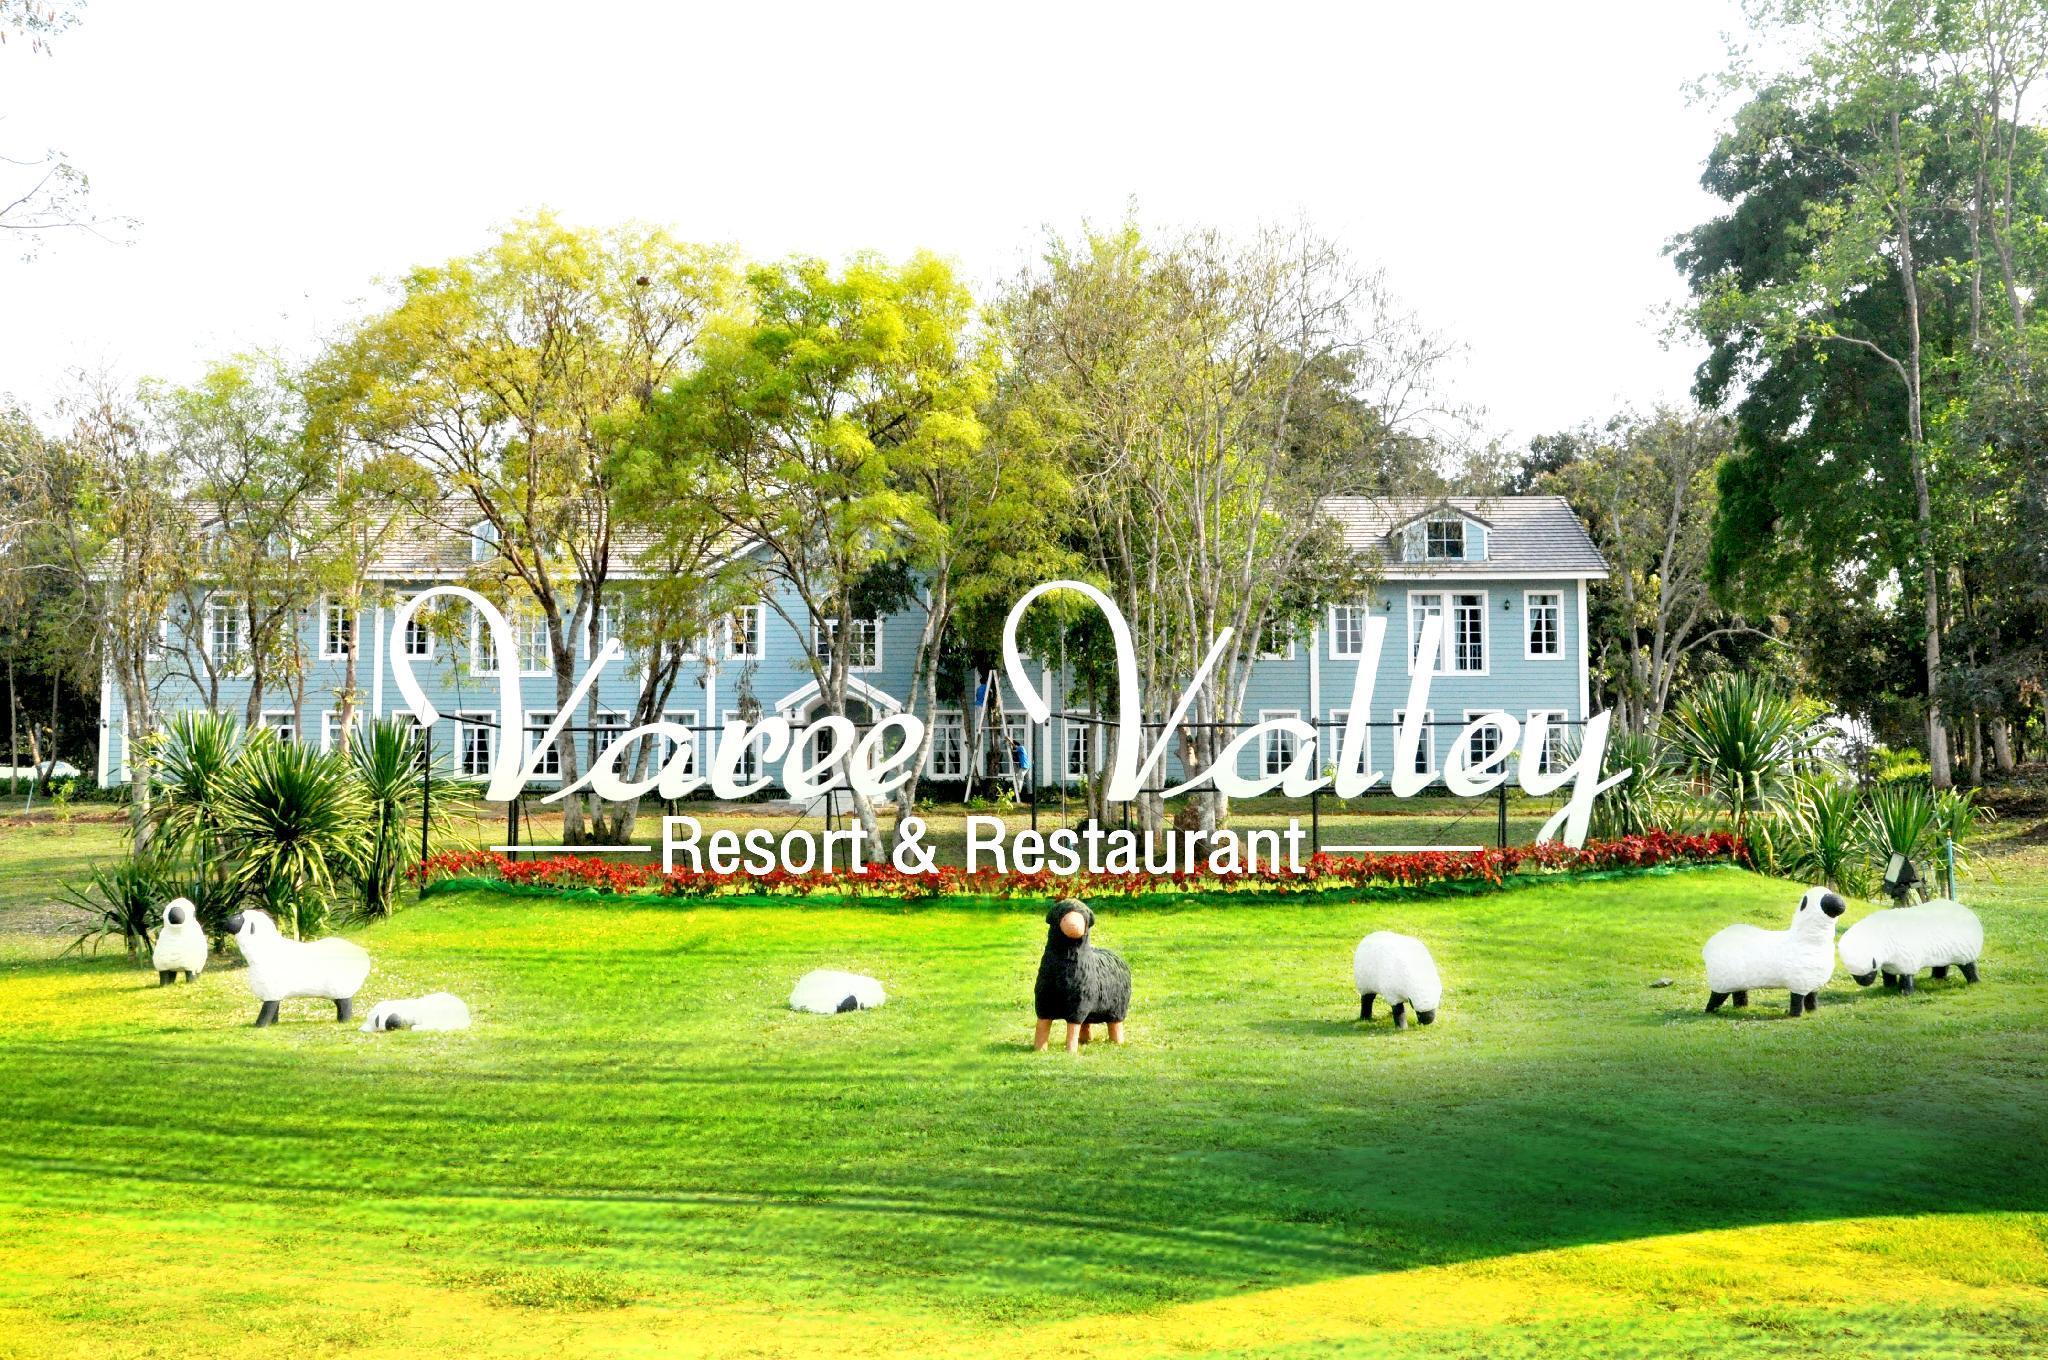 Varee Valley Resort And Restaurant